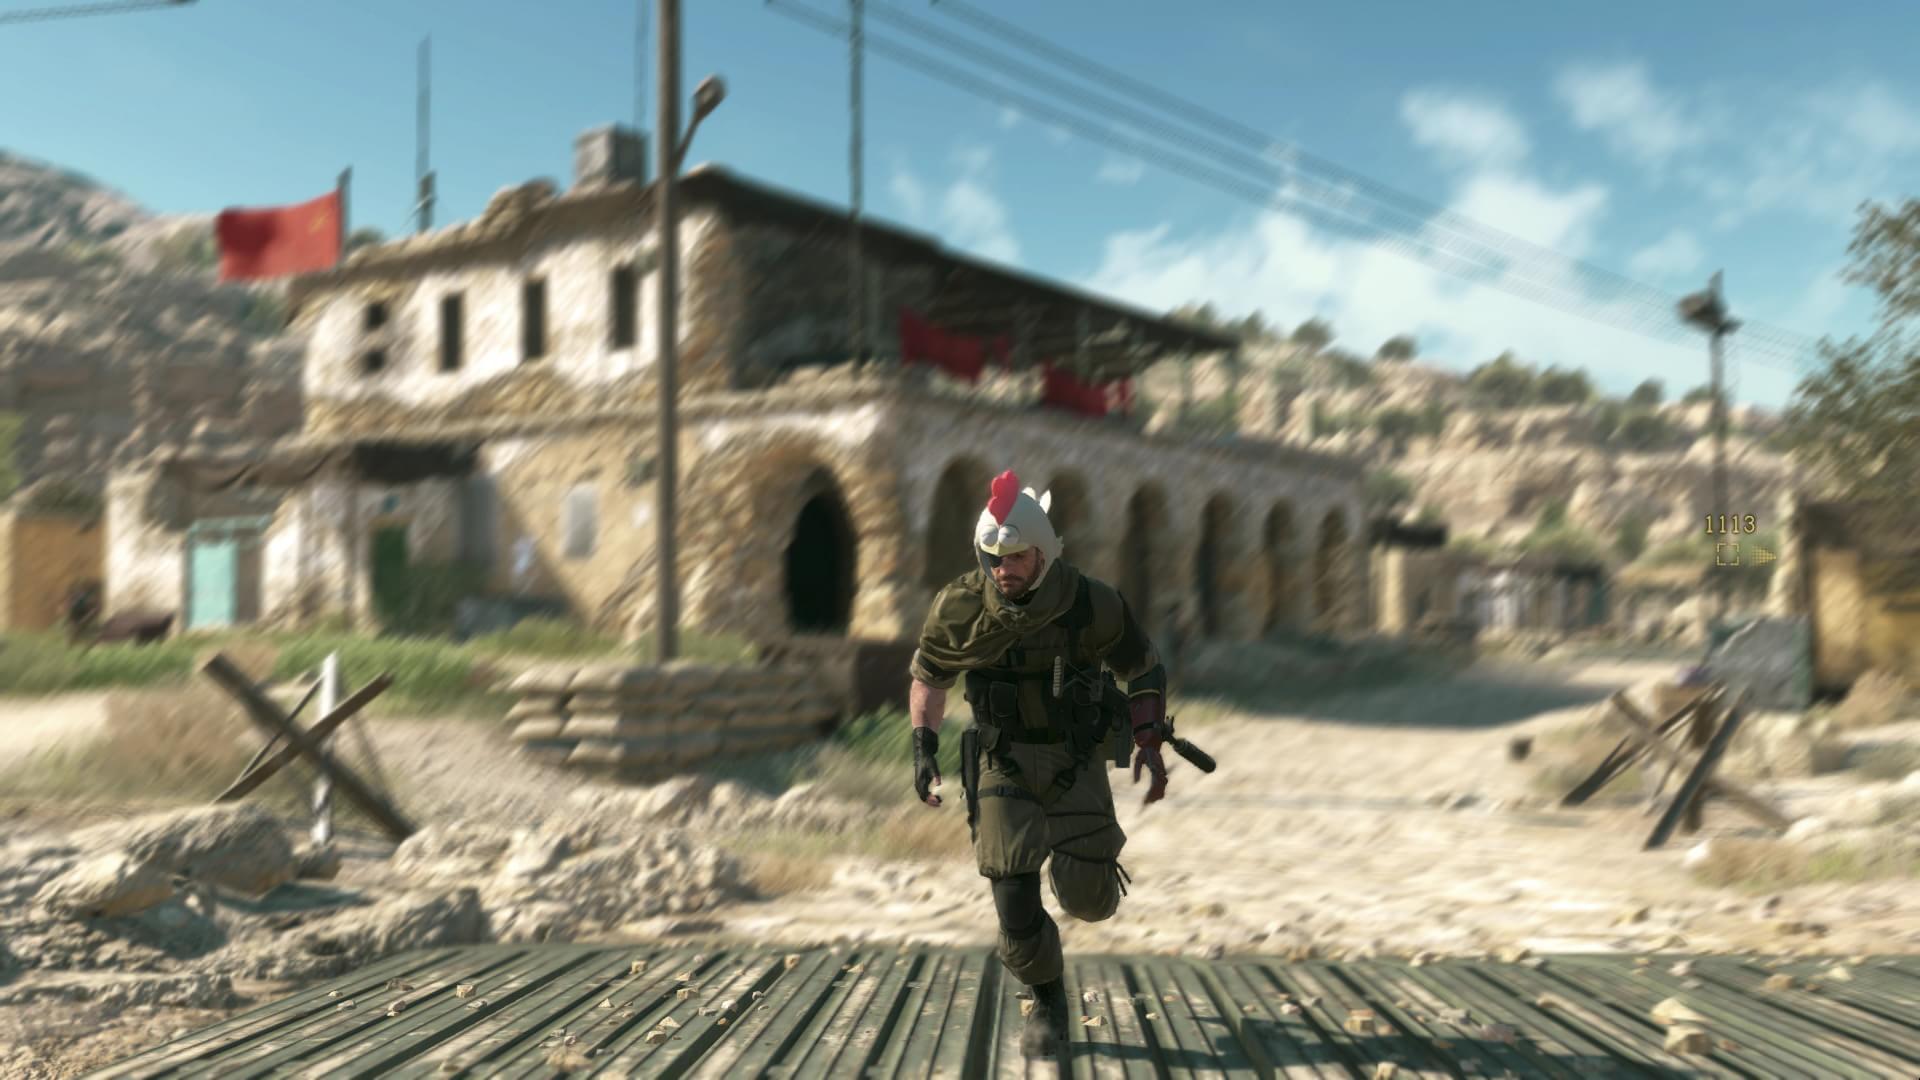 Novas imagens do chapéu de galinha de Metal Gear Solid 5: The Phantom Pain